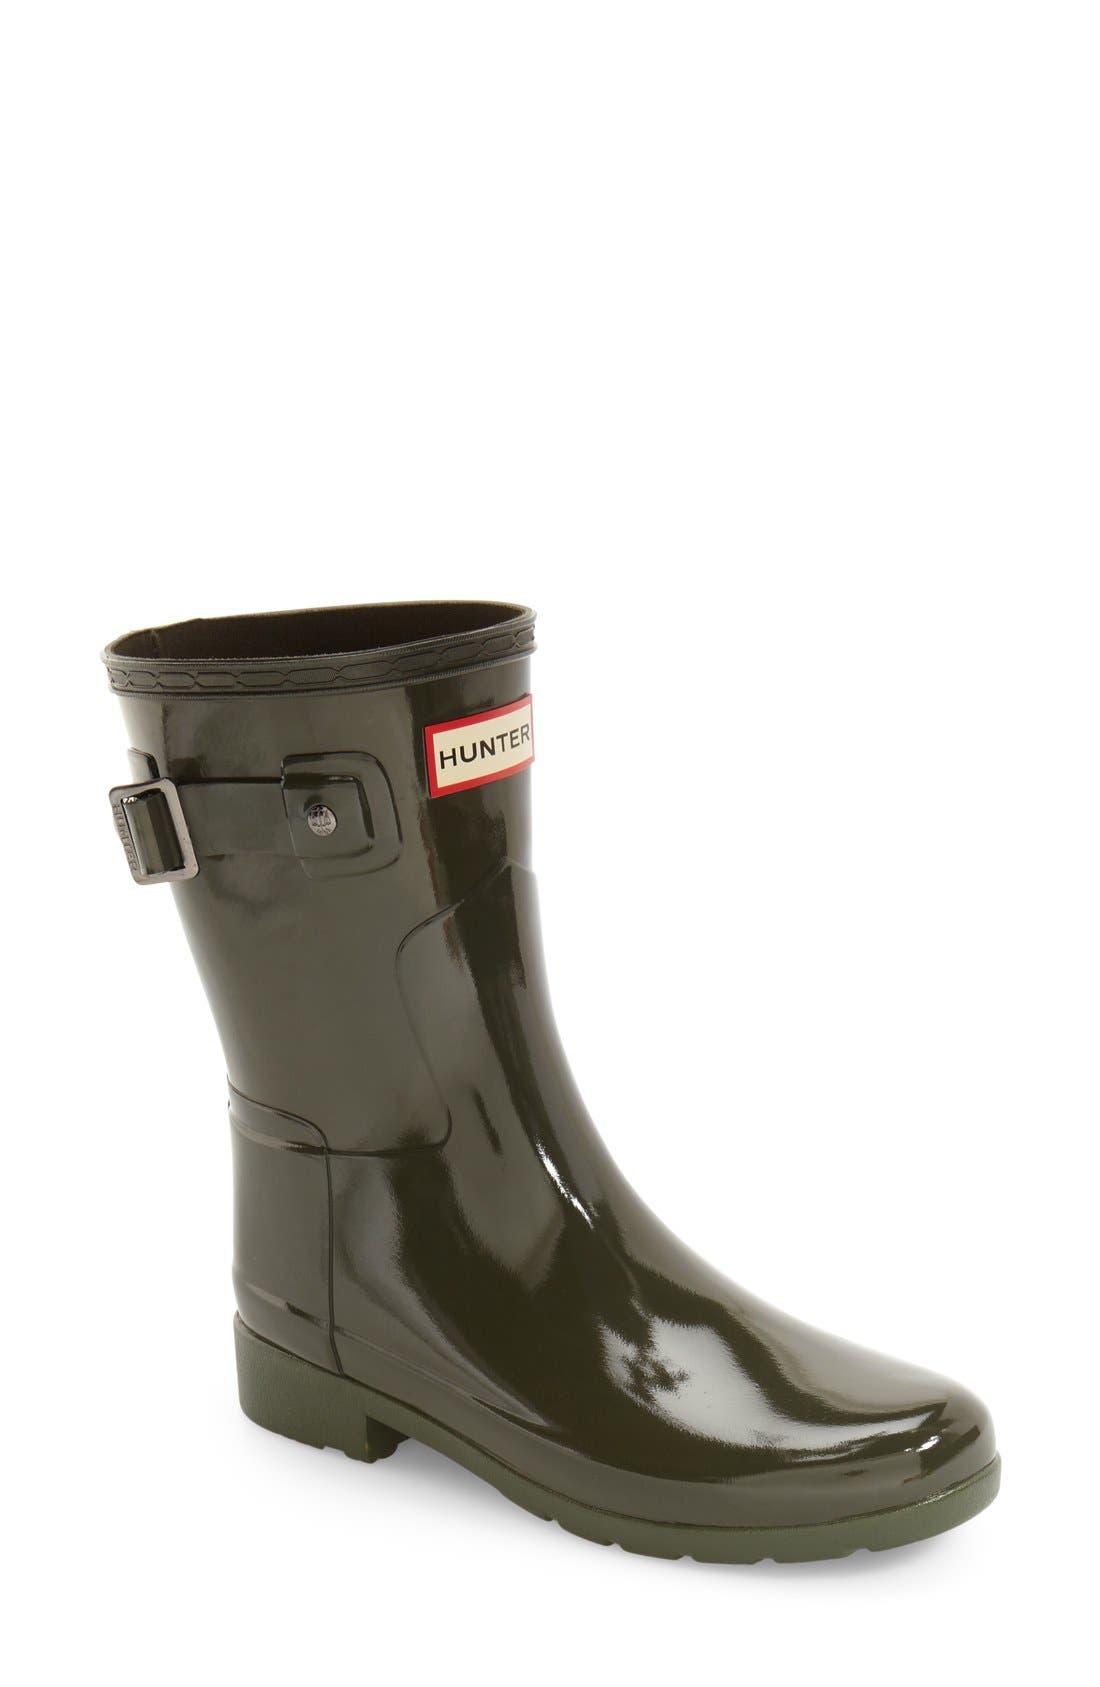 Alternate Image 1 Selected - Hunter 'Refined Short' Gloss Rain Boot (Women)